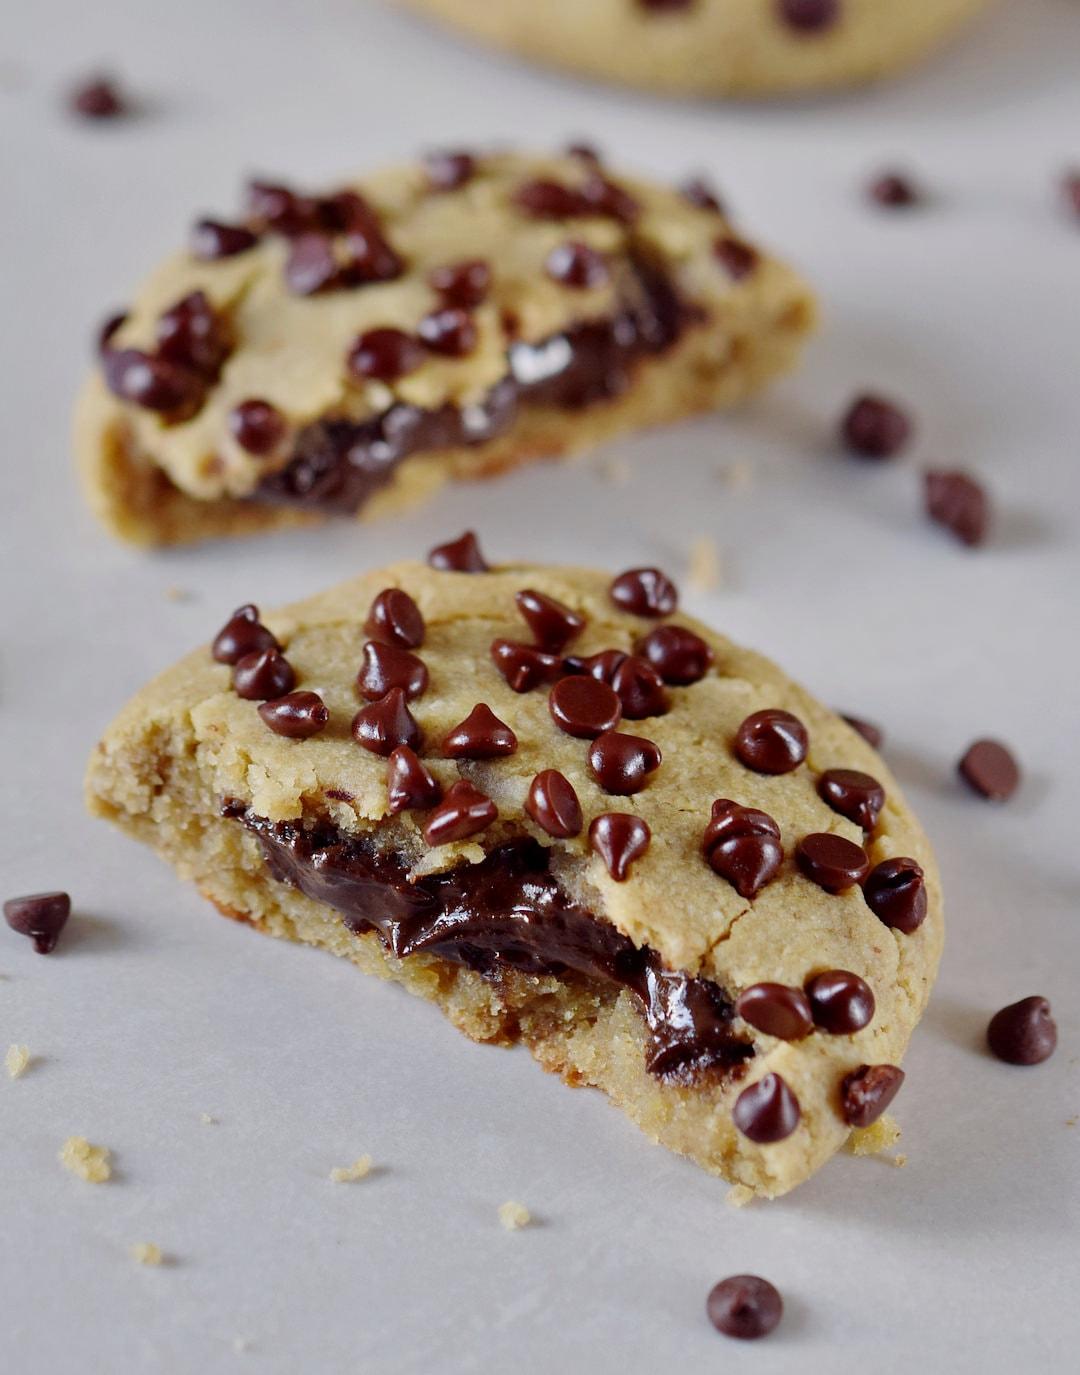 Gesunde Kekse mit Schokoladenfüllung (wie vegane Nutella) glutenfrei